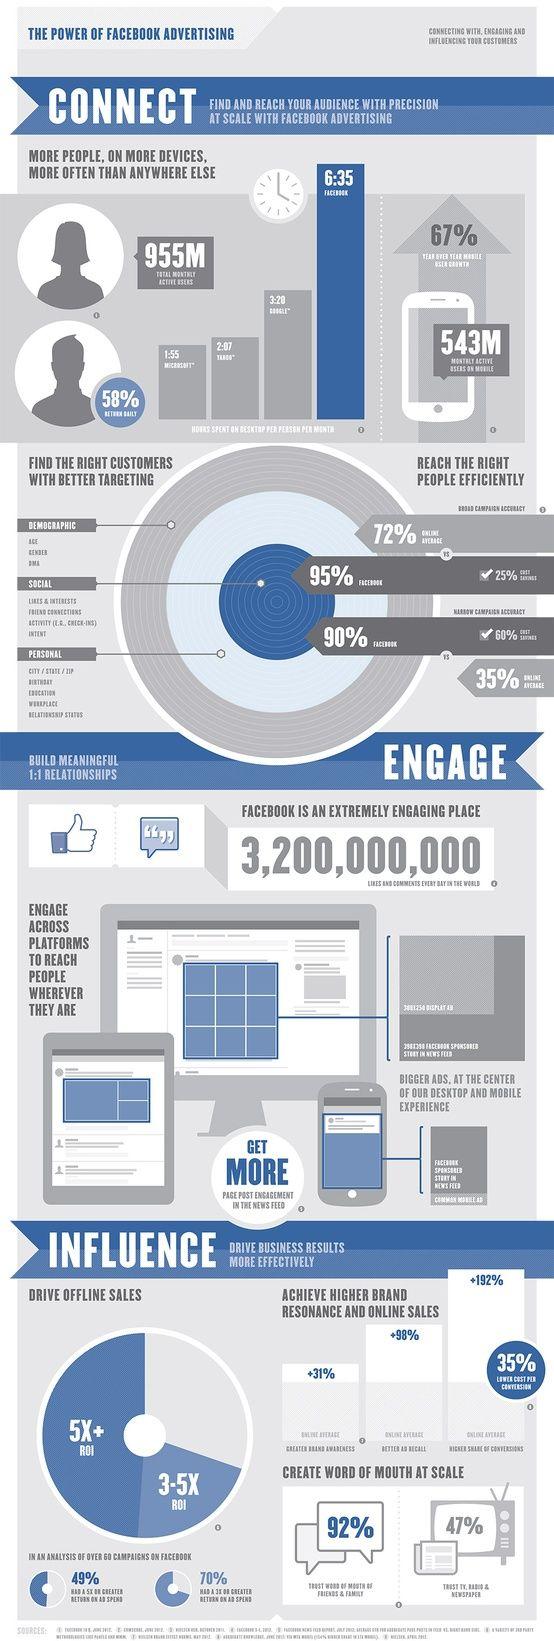 O poder dos anúncios no Facebook. Rede social cria infográfico com números que comprovam a eficácia de seus anúncios